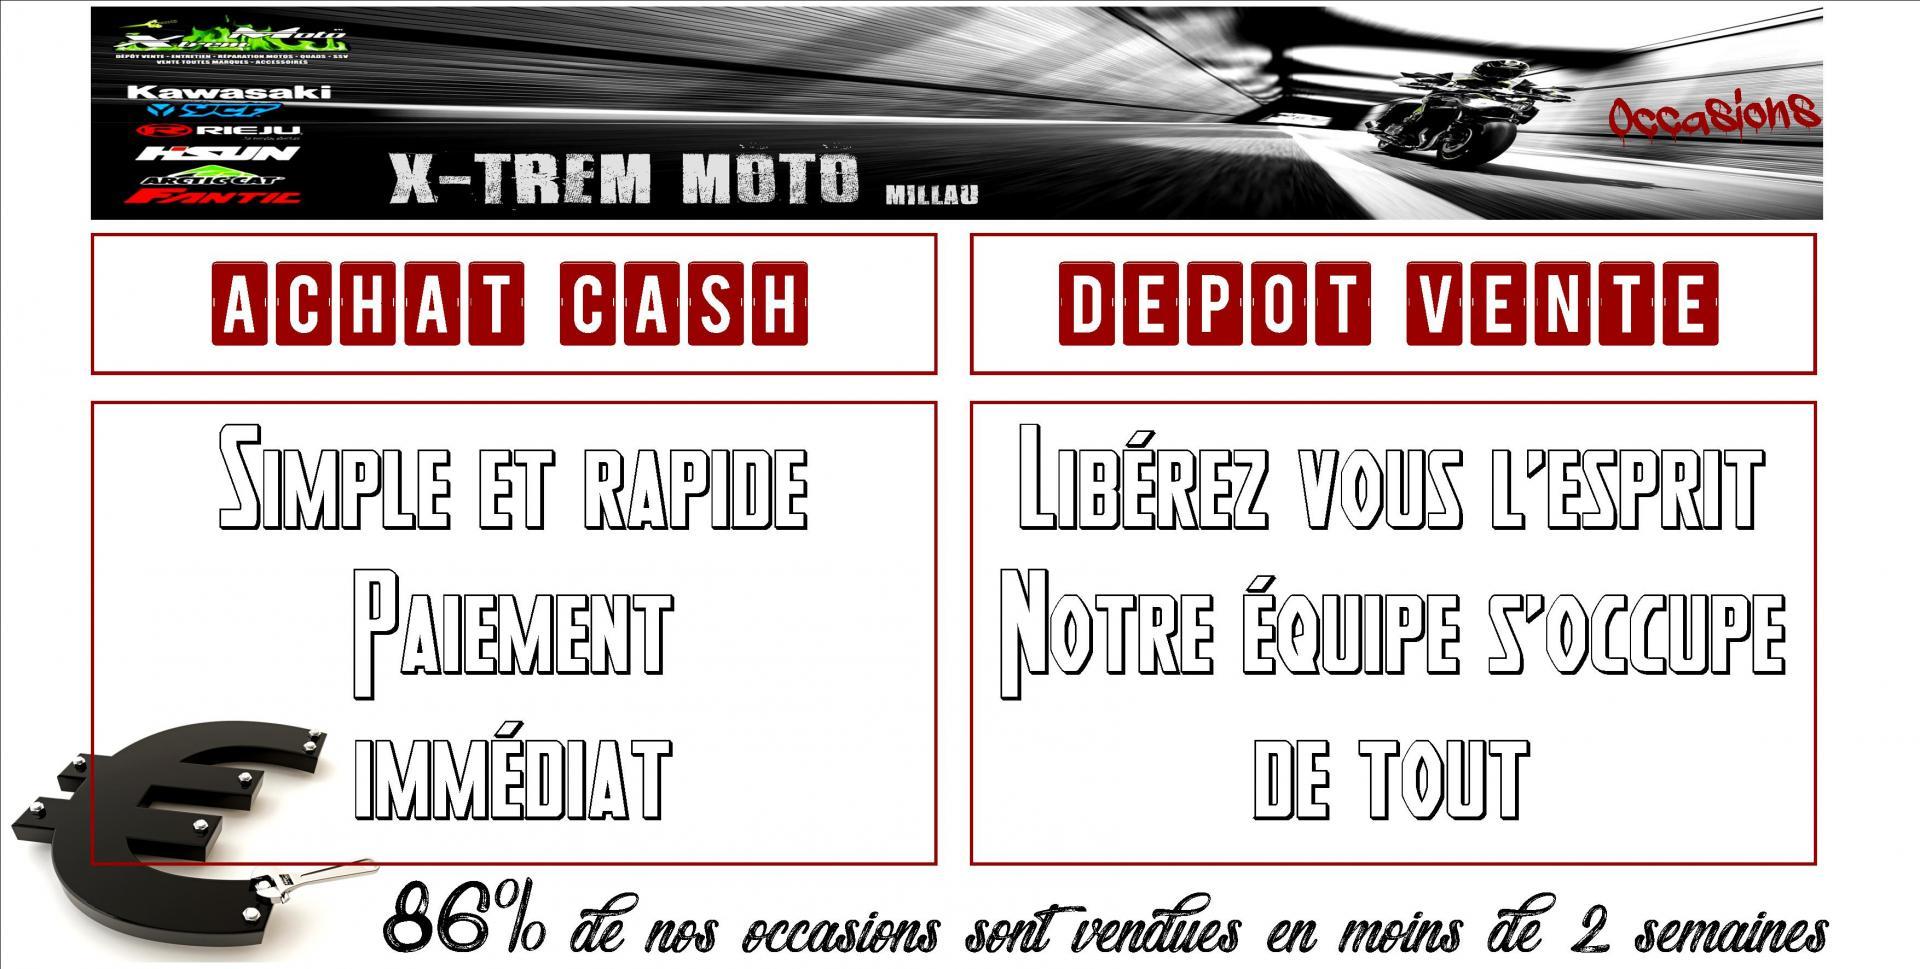 Xtrem Moto Millau Aveyron Occasions Achat Cash,Dépôt-Vente